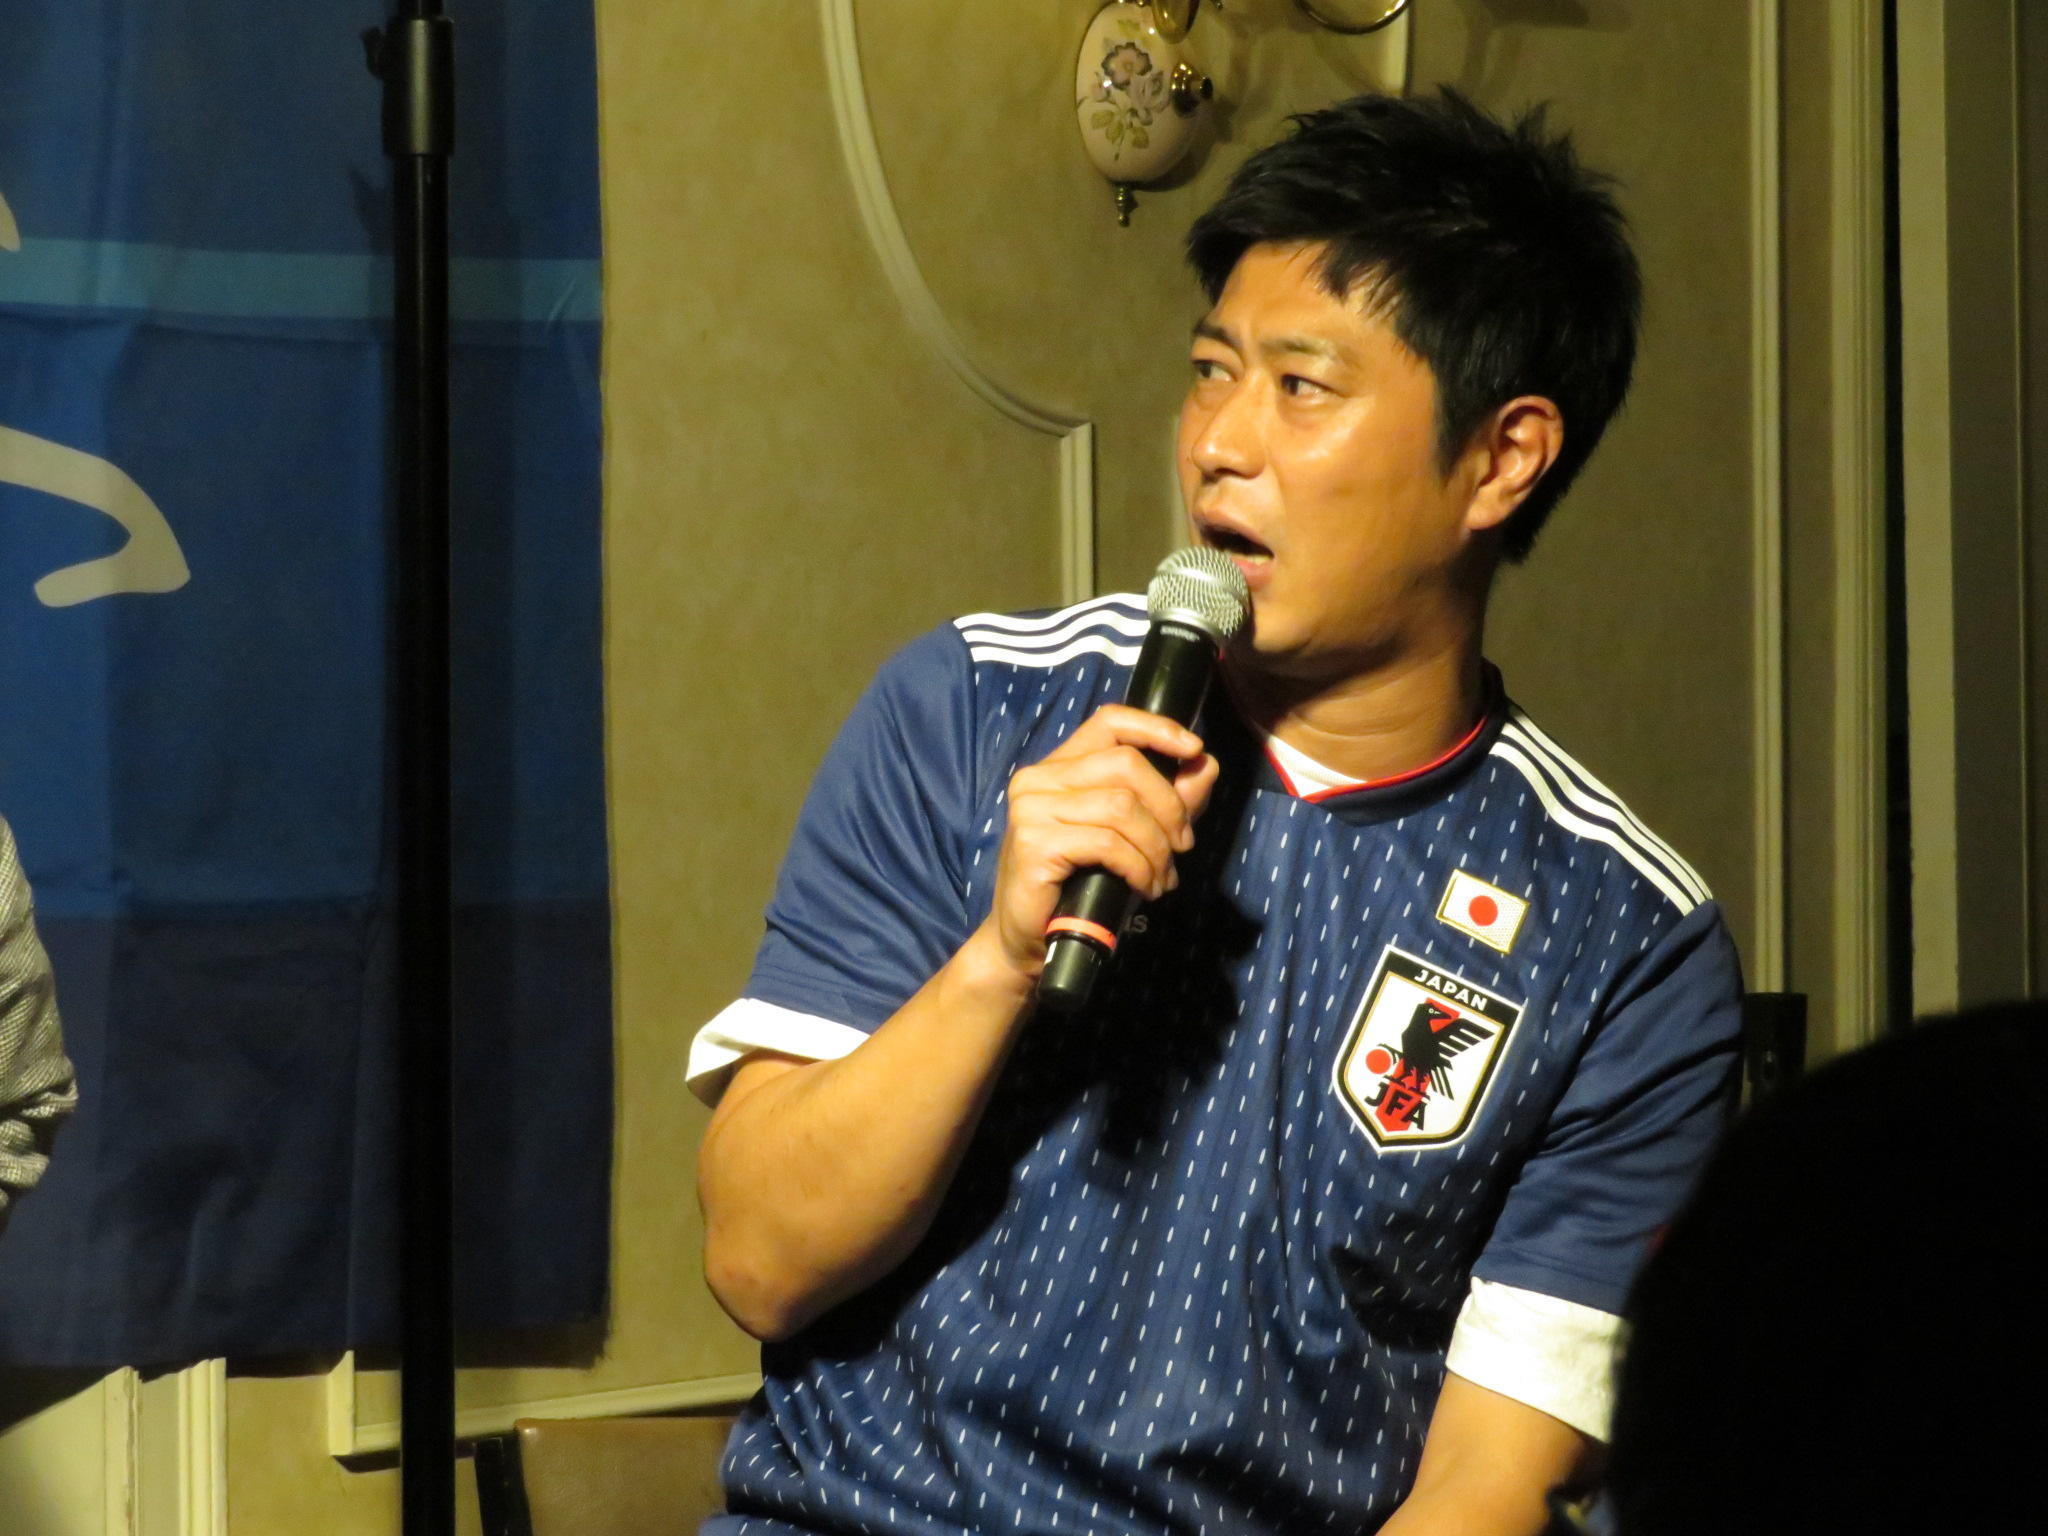 http://news.yoshimoto.co.jp/20180531141959-5637f6967231c3a14414e30d7828858adb36244c.jpg